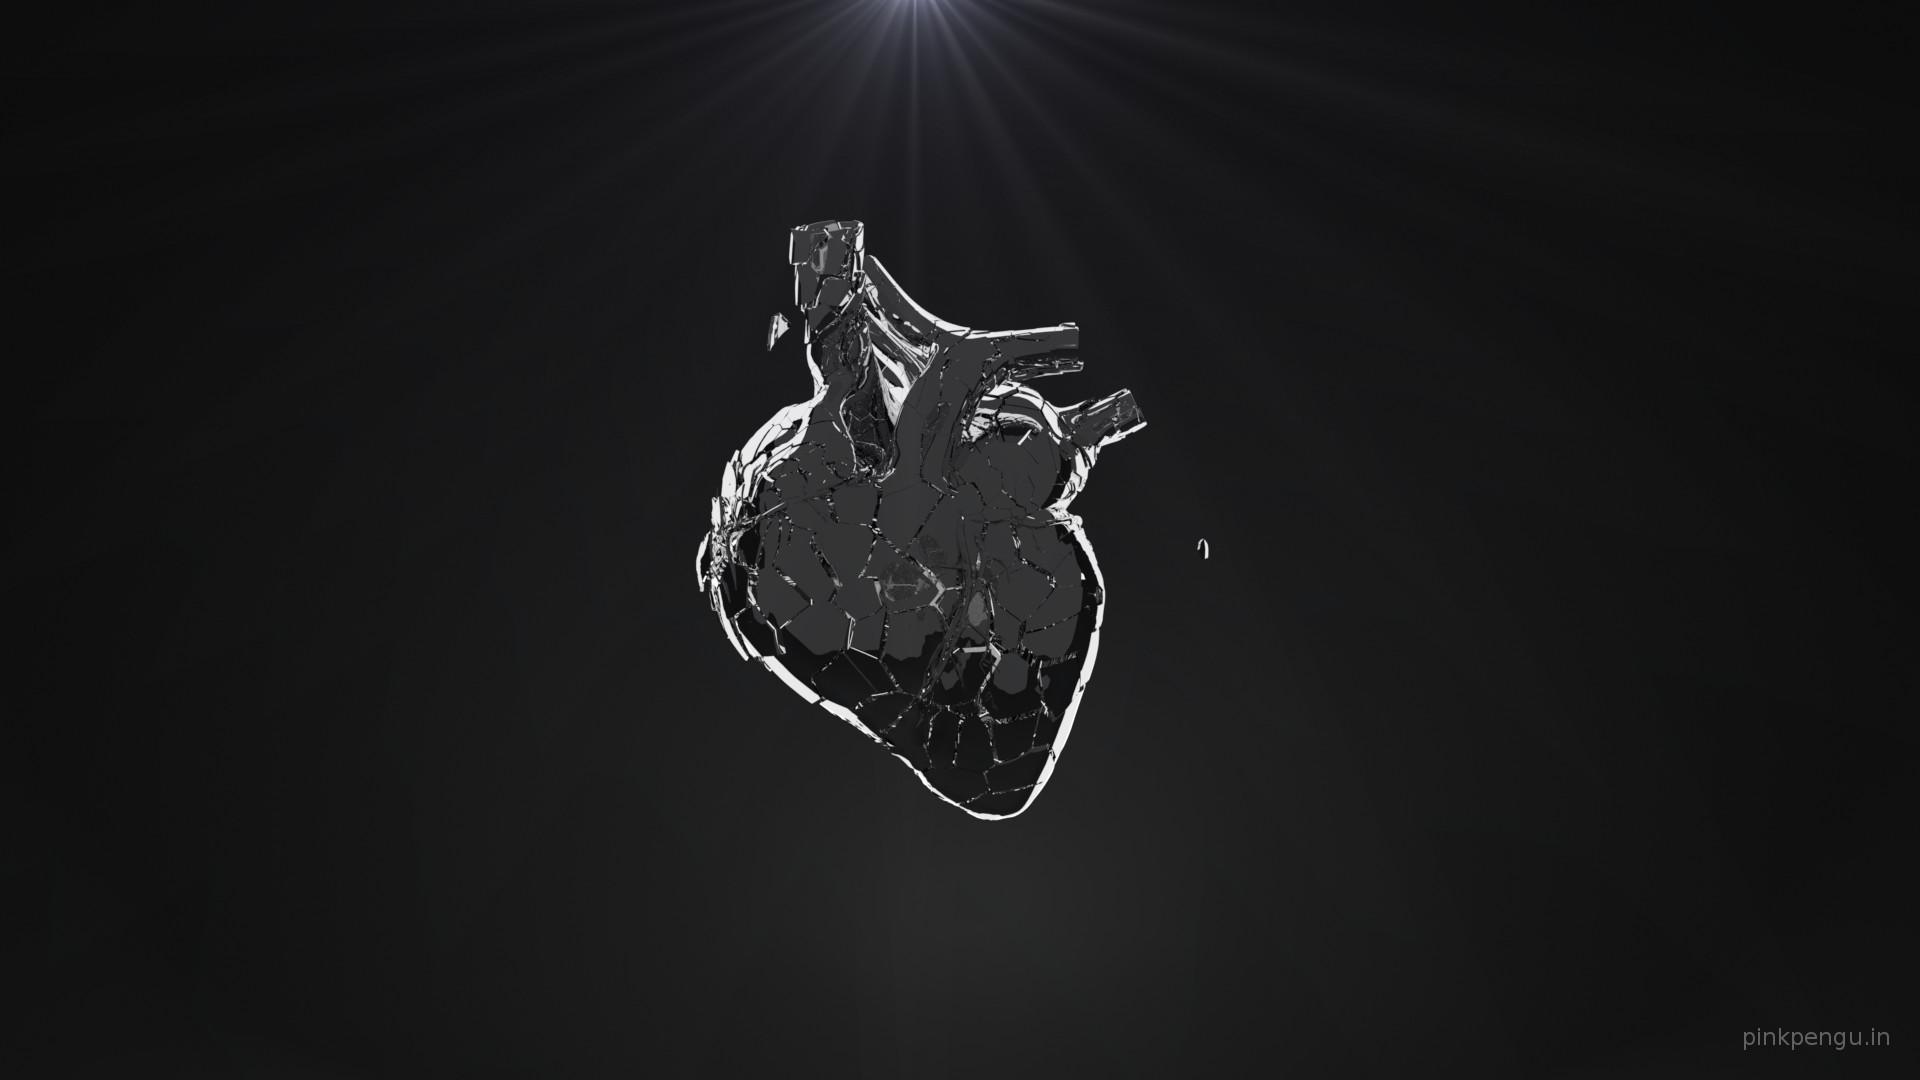 Edwin greve heart2